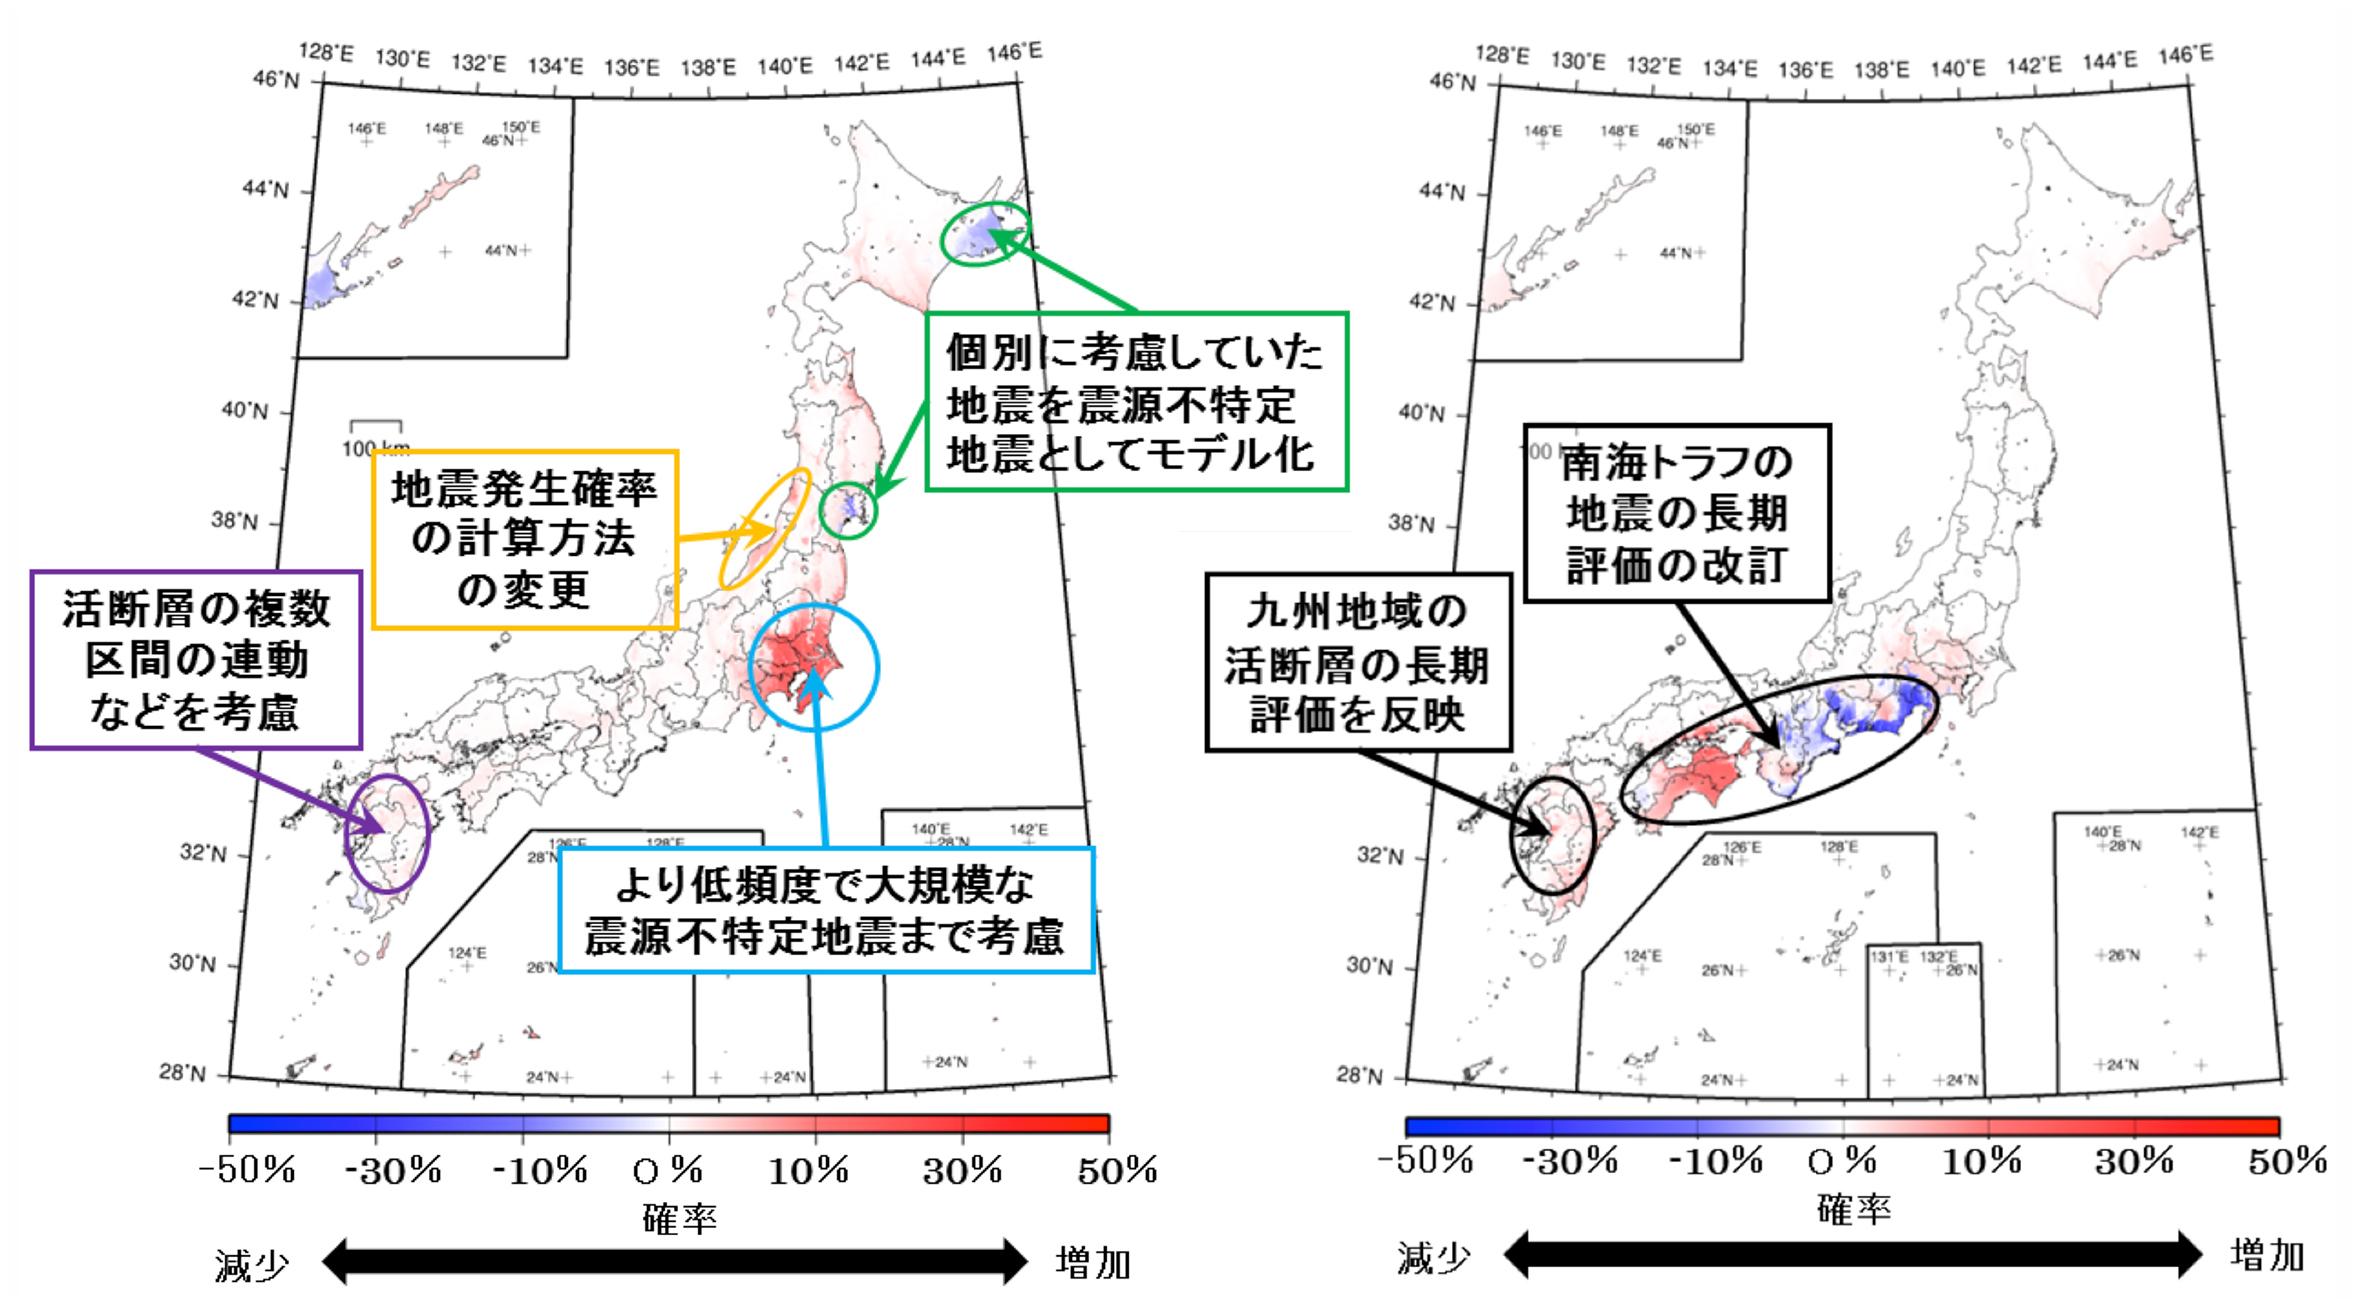 活動モデル比較の結果